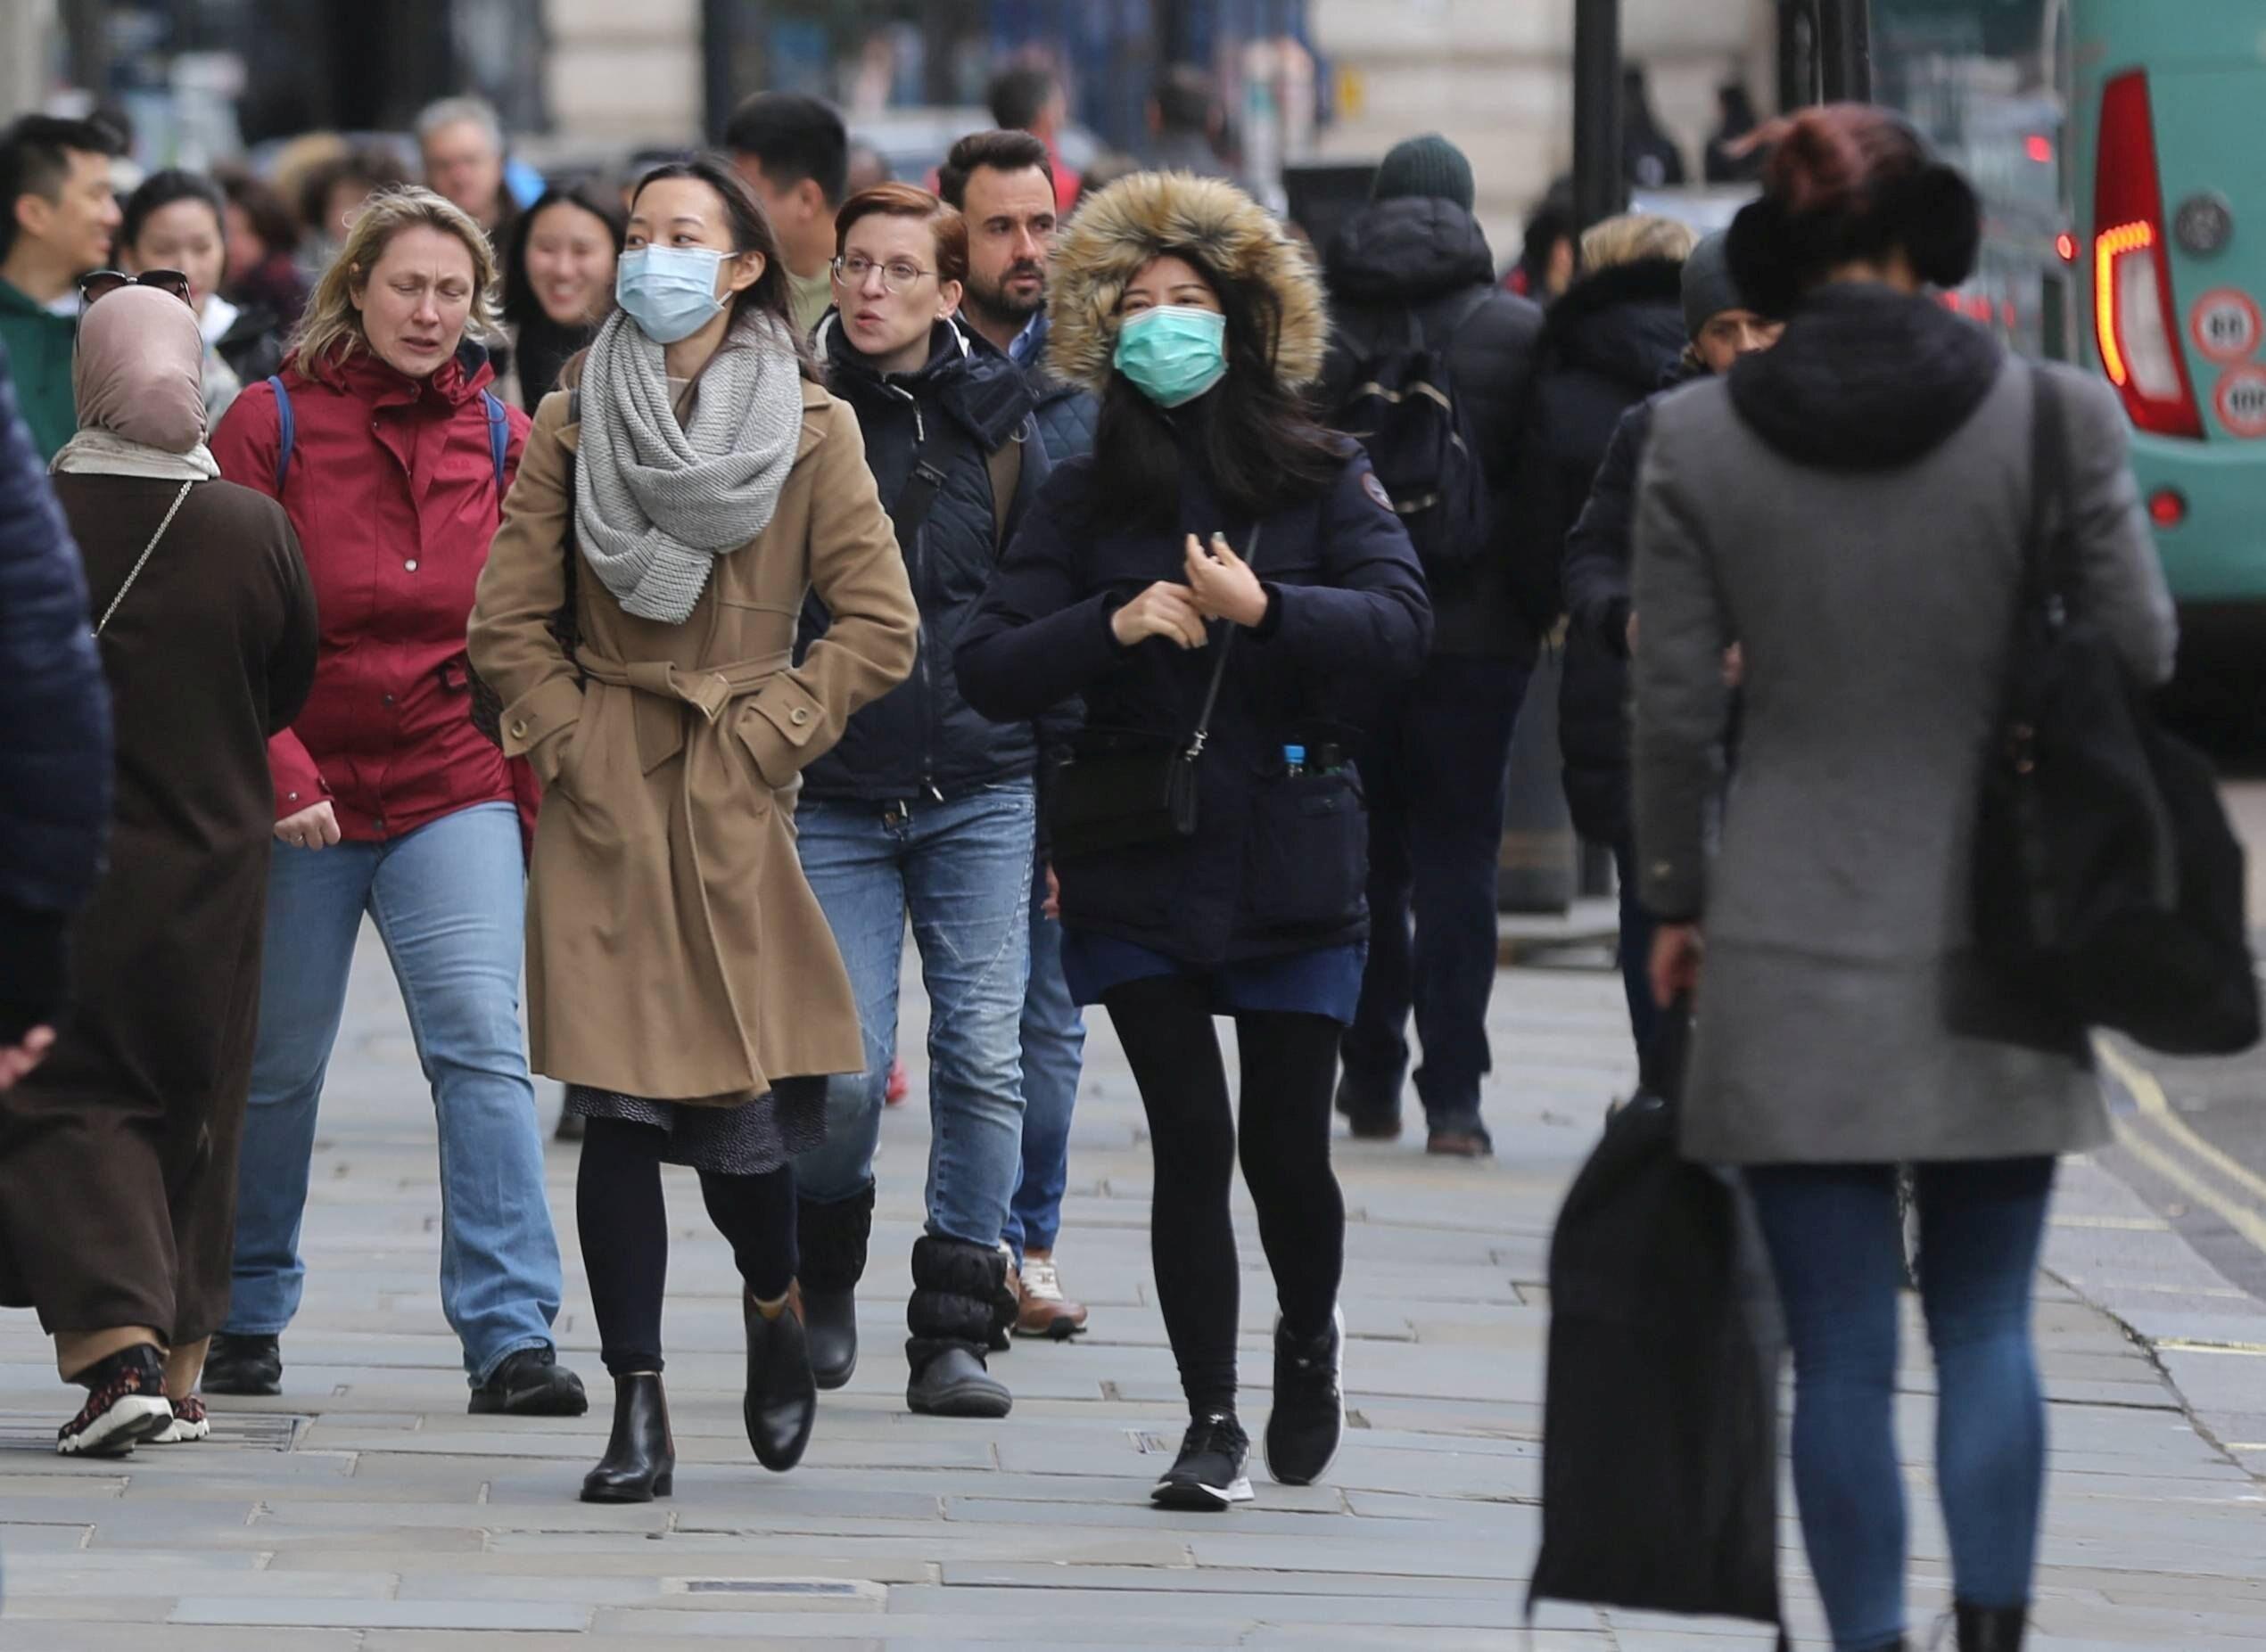 NA ŻYWO: Koronawirus a Polska i świat – najnowsze informacje 28 lutego